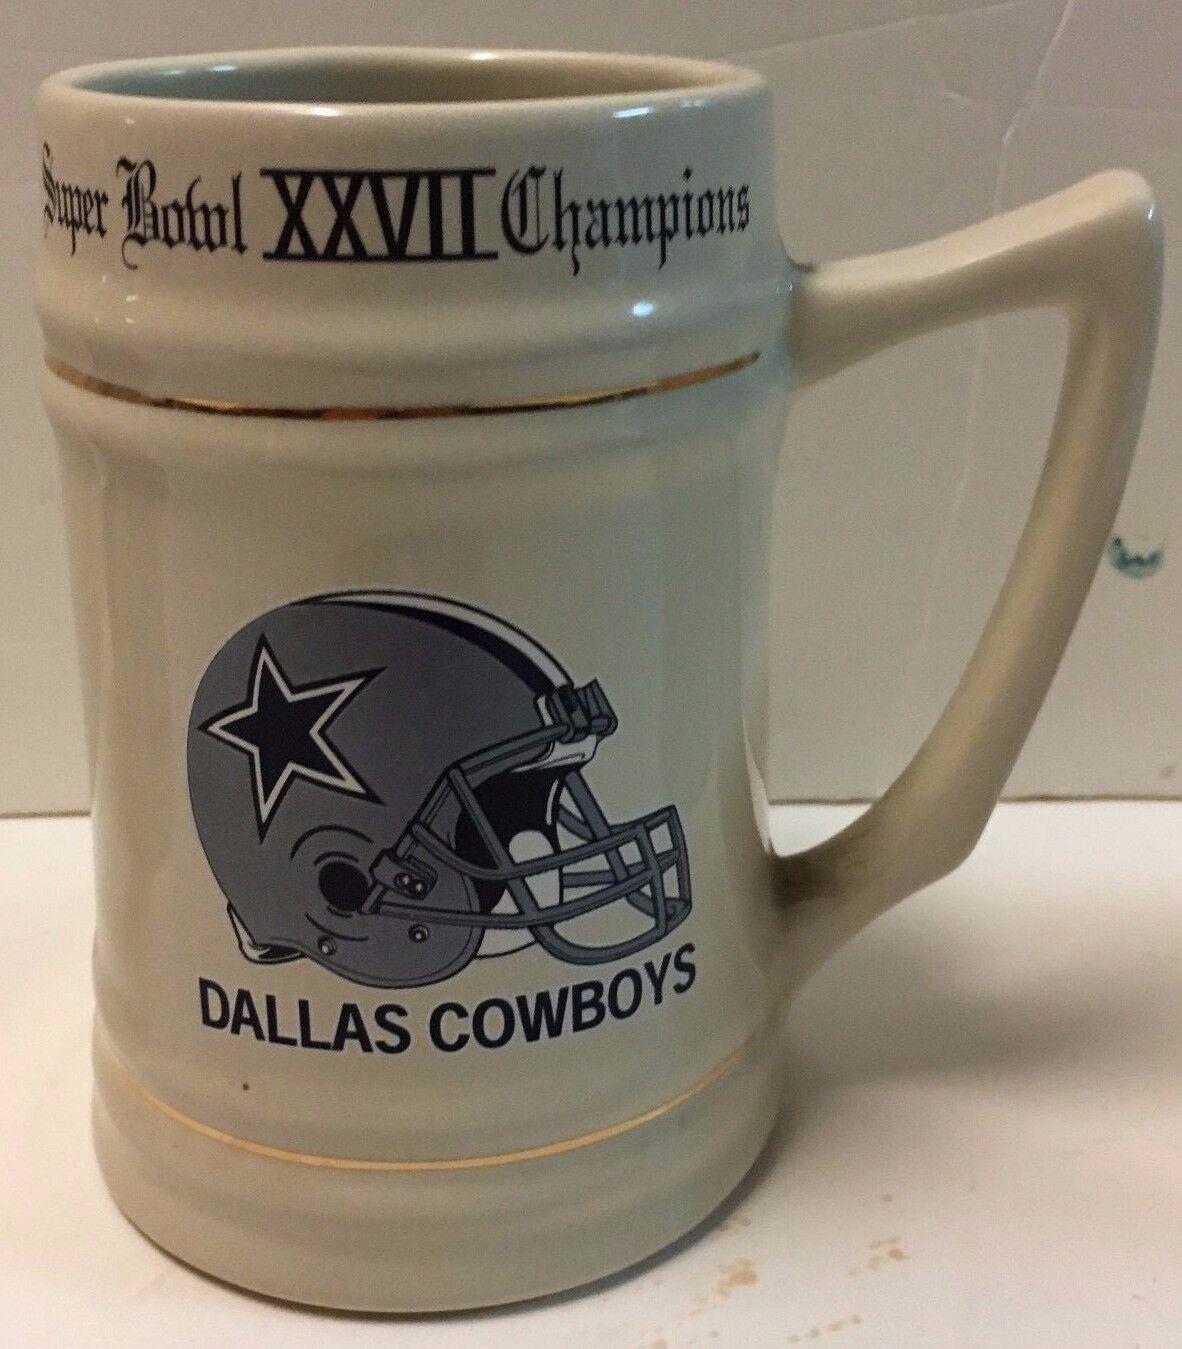 Dallas Cowboys Superbowl Xxvii Champions Stein Becher Krug NFL